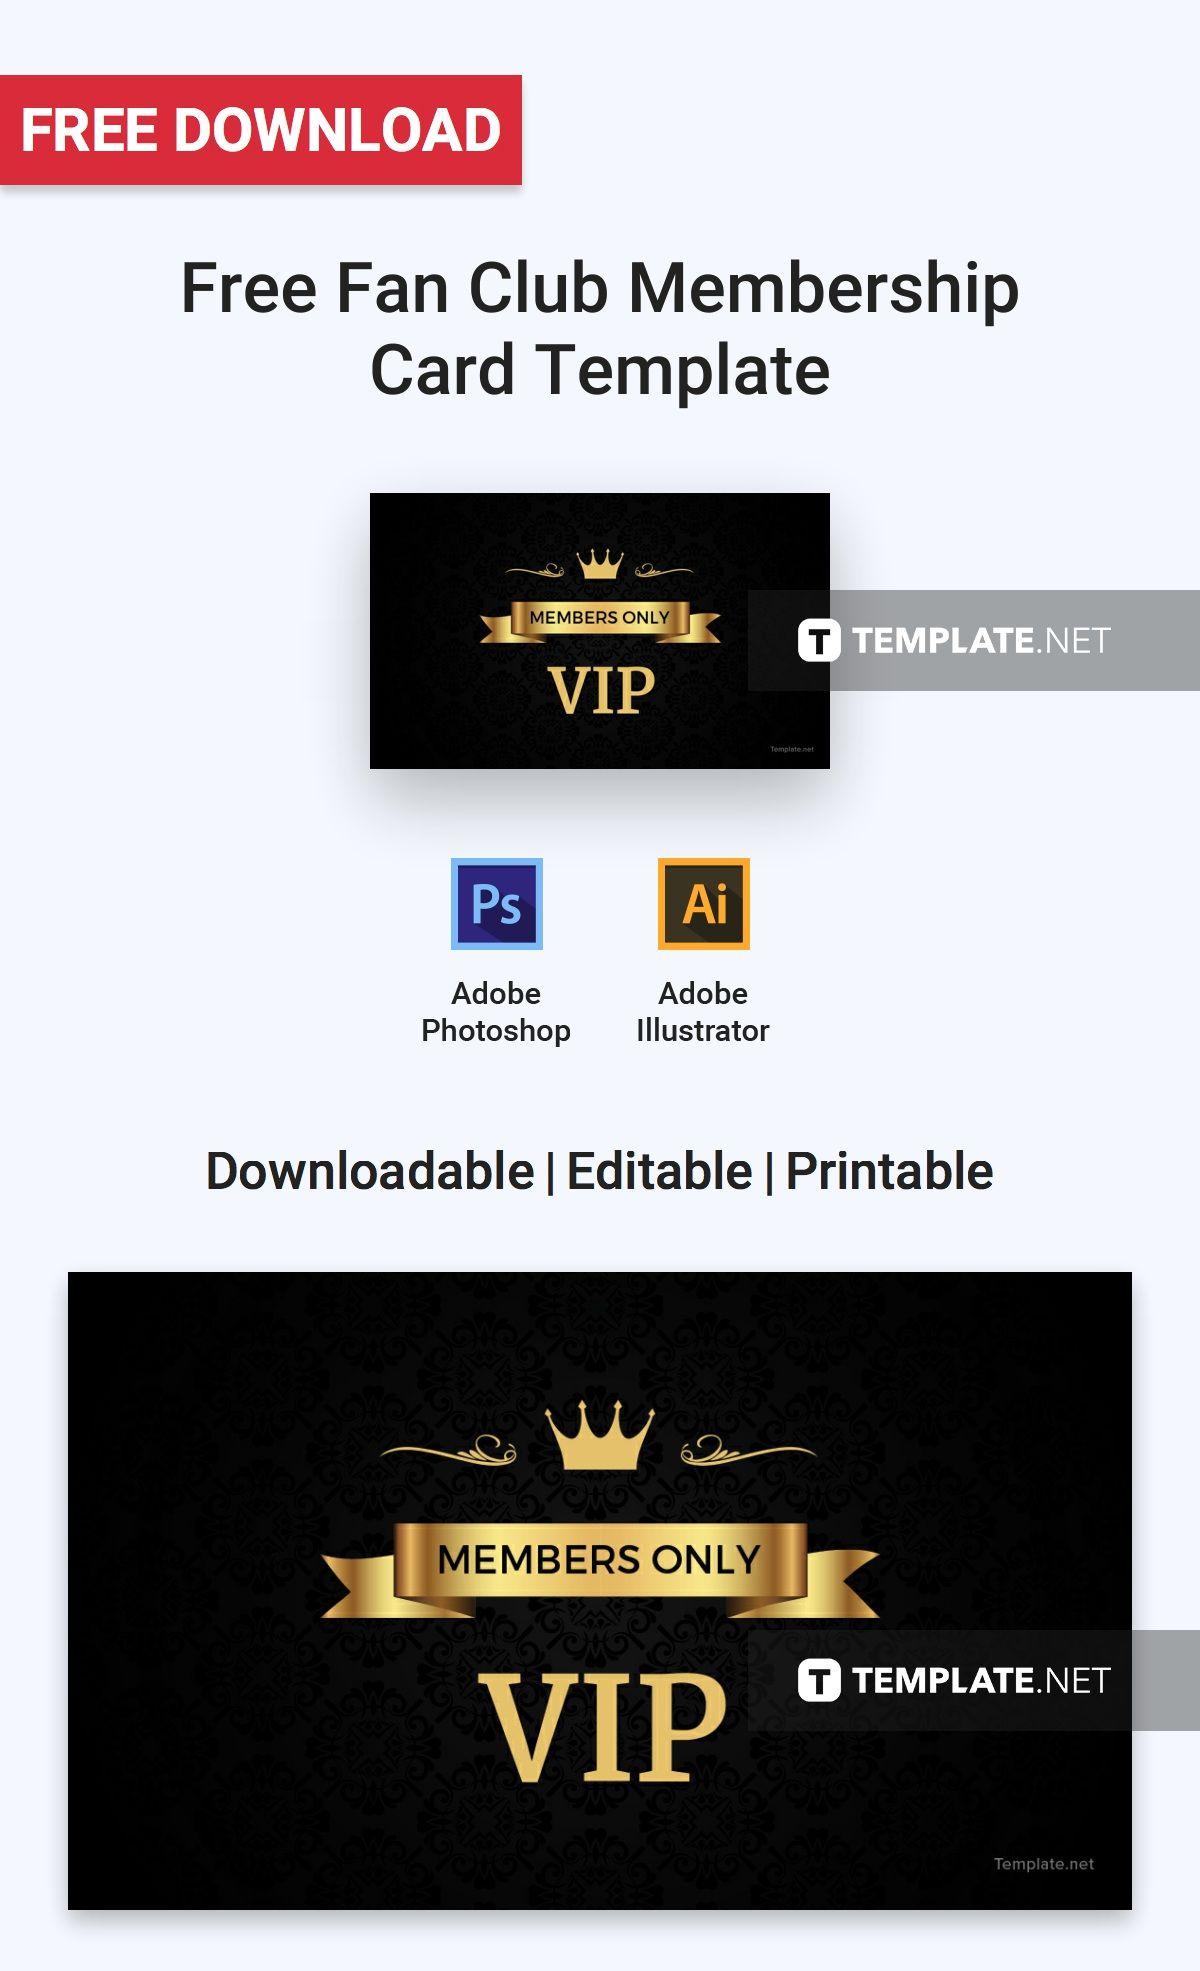 Free Fan Club Membership Card Template Membership Card Free Business Card Templates Card Templates